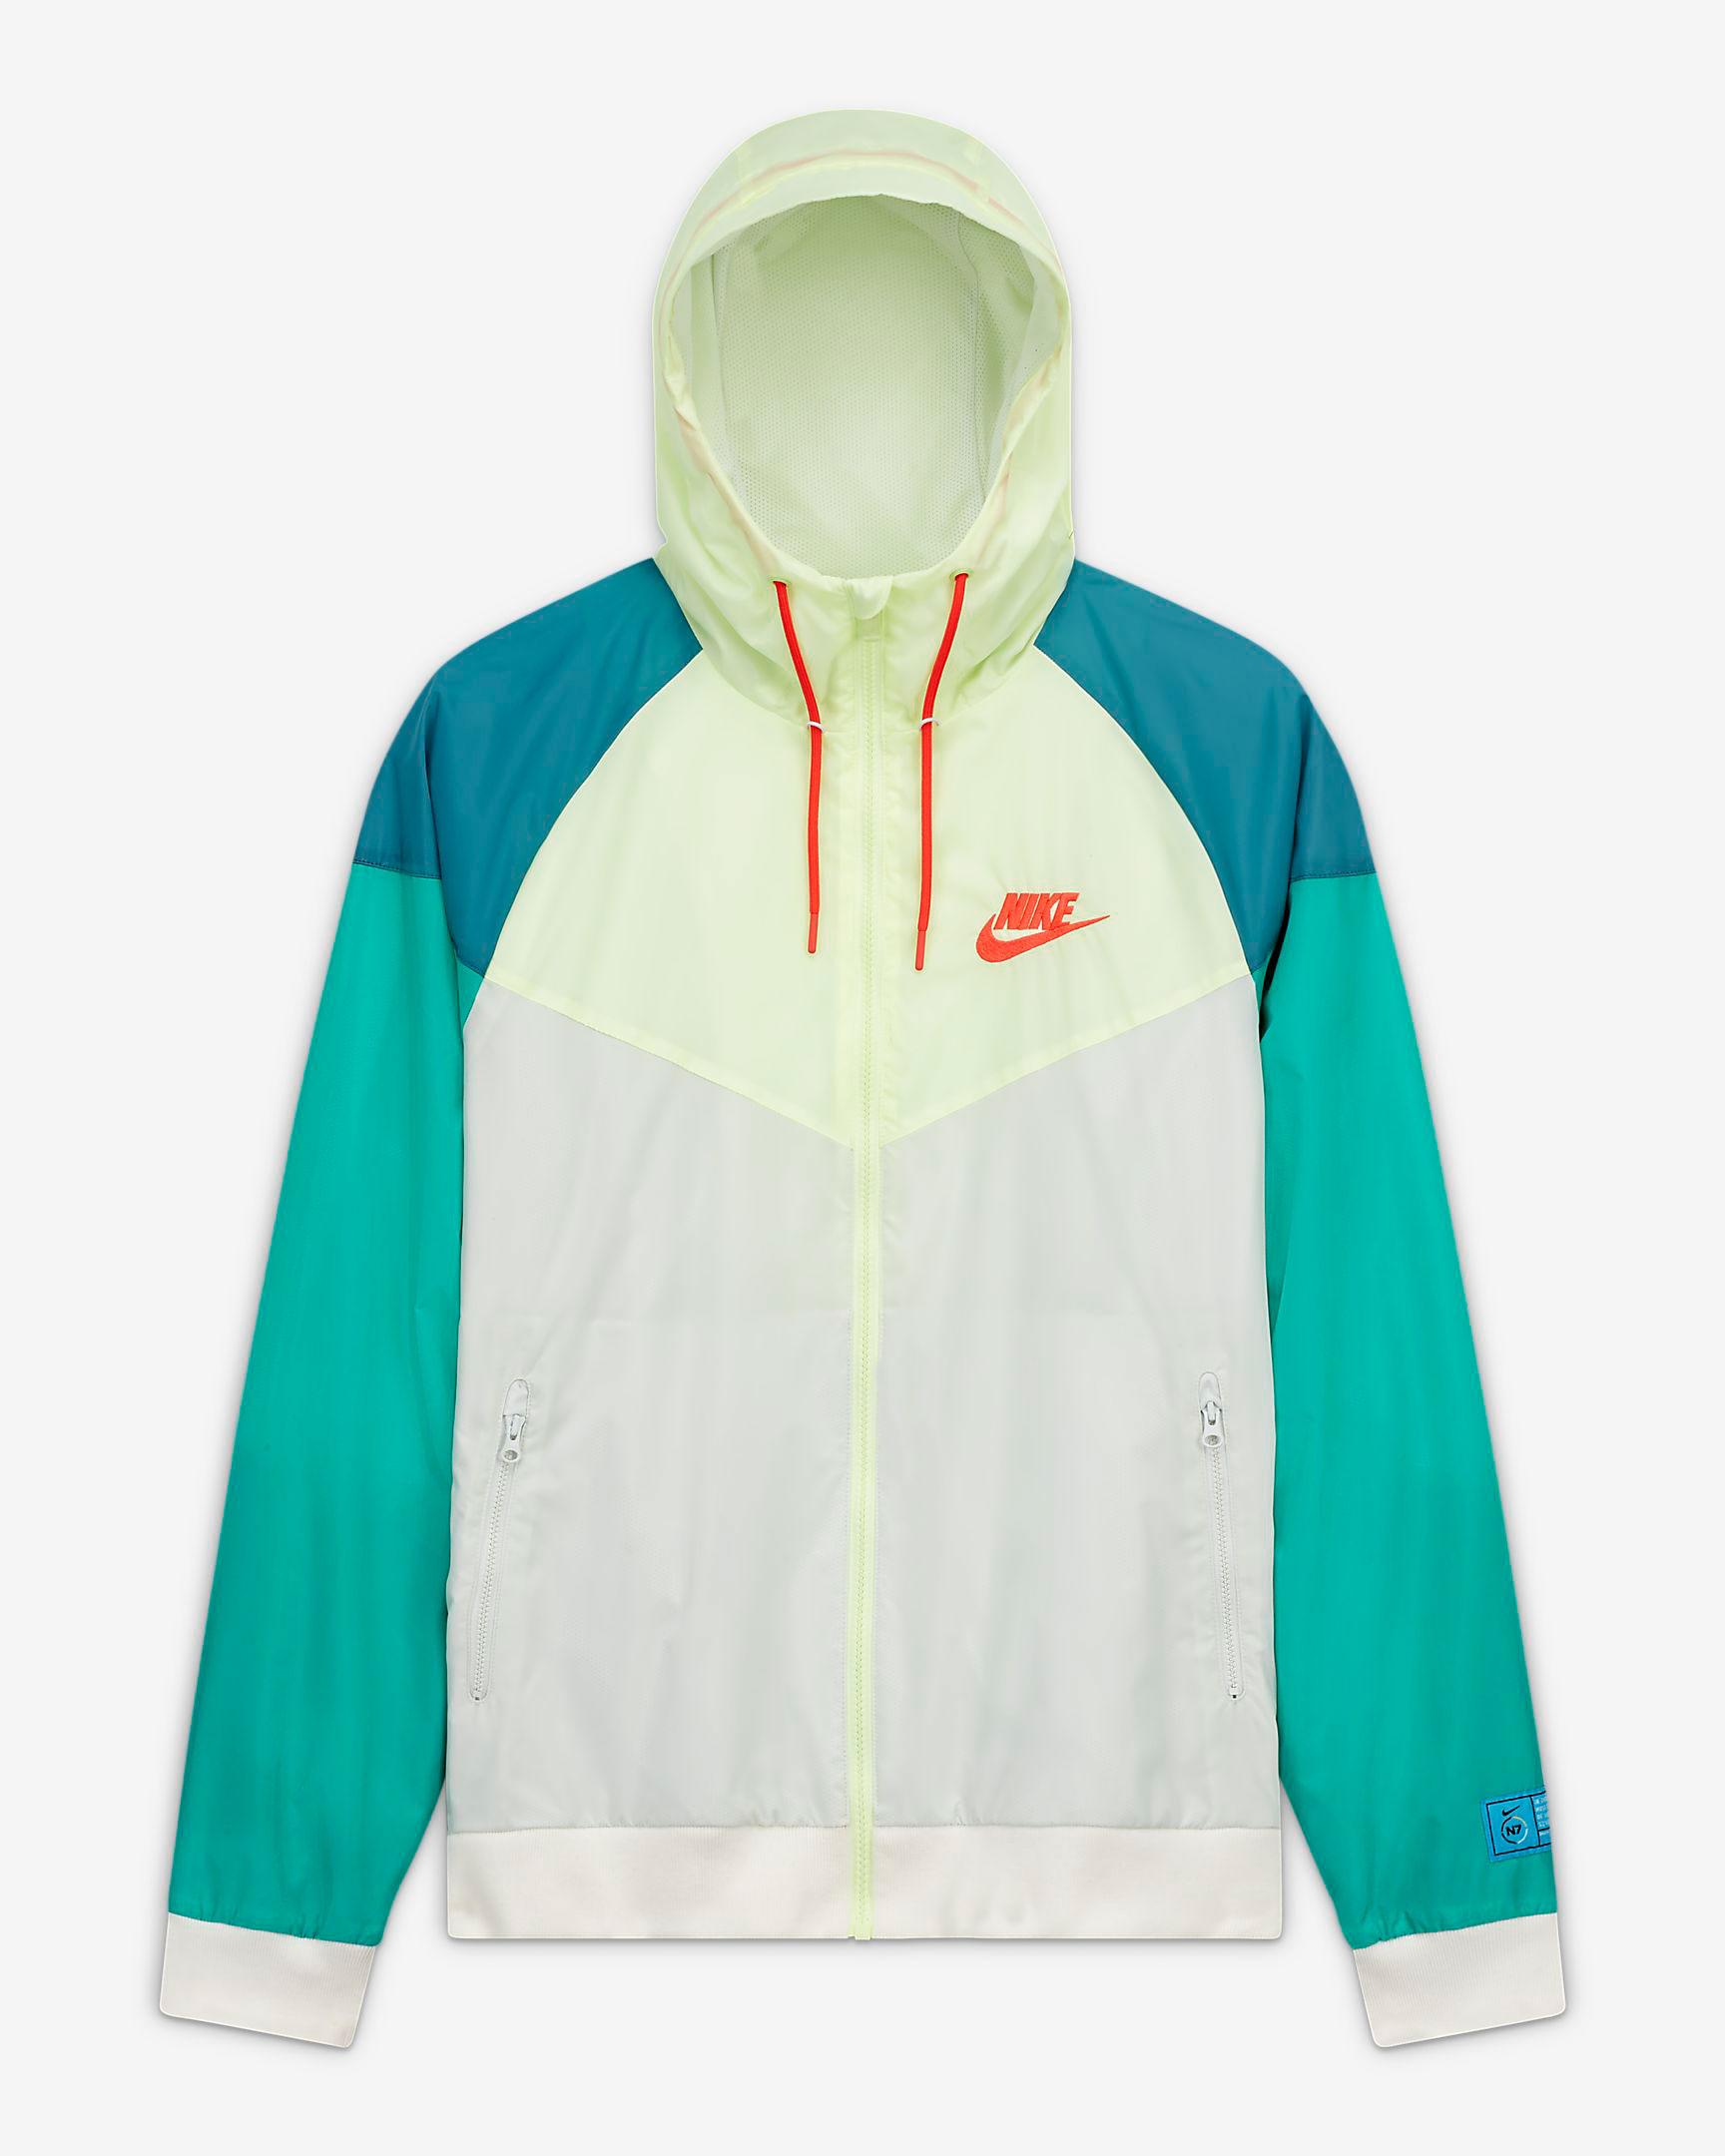 nike-n7-windrunner-jacket-summer-2020